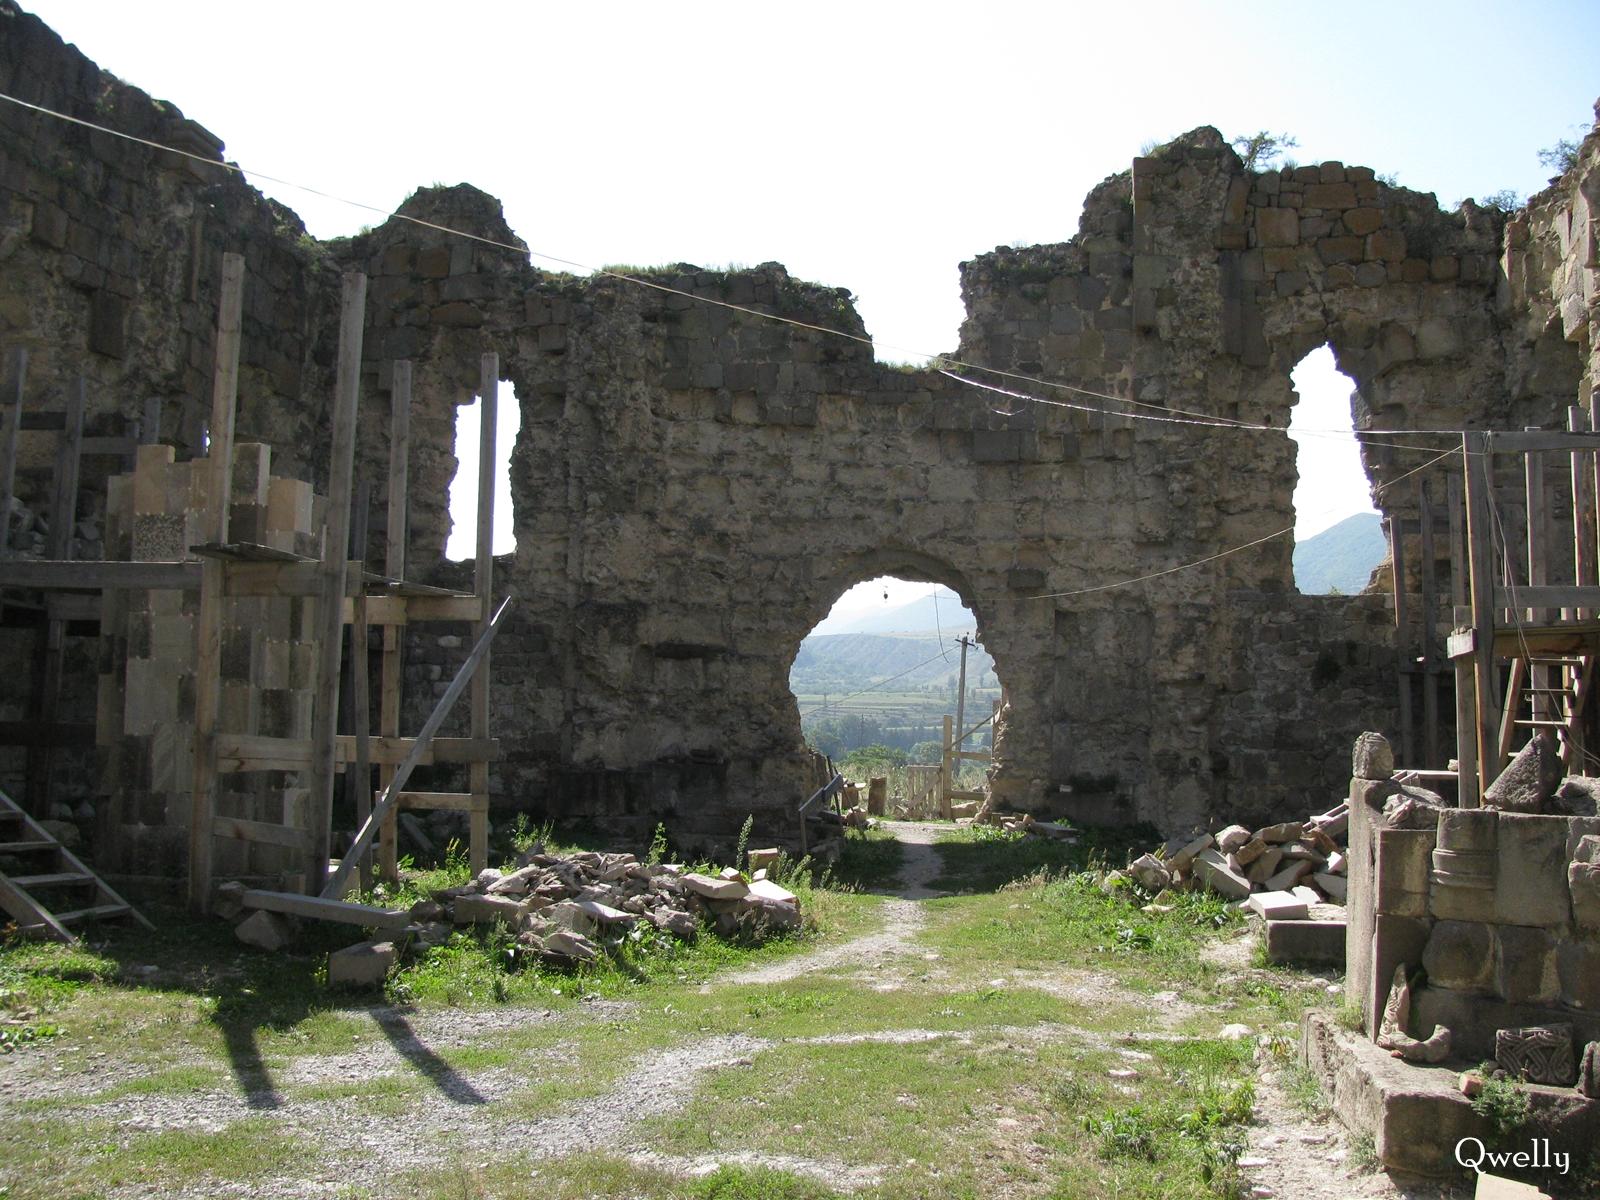 ტაძრის დასავლეთი მხარე, awyuris gmrtismshoblis saxelobis eklesia, blogi, giorgi maisuradzis blogi, qwelly, awyuri, gmrtismshobeli, xati, eklesia, awyuris cixe, castle, virgin icon, church, temple, აწყურის ღმრთისმშობლის სახელობის ტაძარი, ნანგრევები, აწყური, ციხე, აწყურის ციხე, აწყურის ღმრთისმშობელი, ღმრთისმშობლის ხატი, ციხესიმაგრე, ტაძარი, ტაძრის ნანგრევები, გიორგი მაისურაძის ბლოგი, ქველი